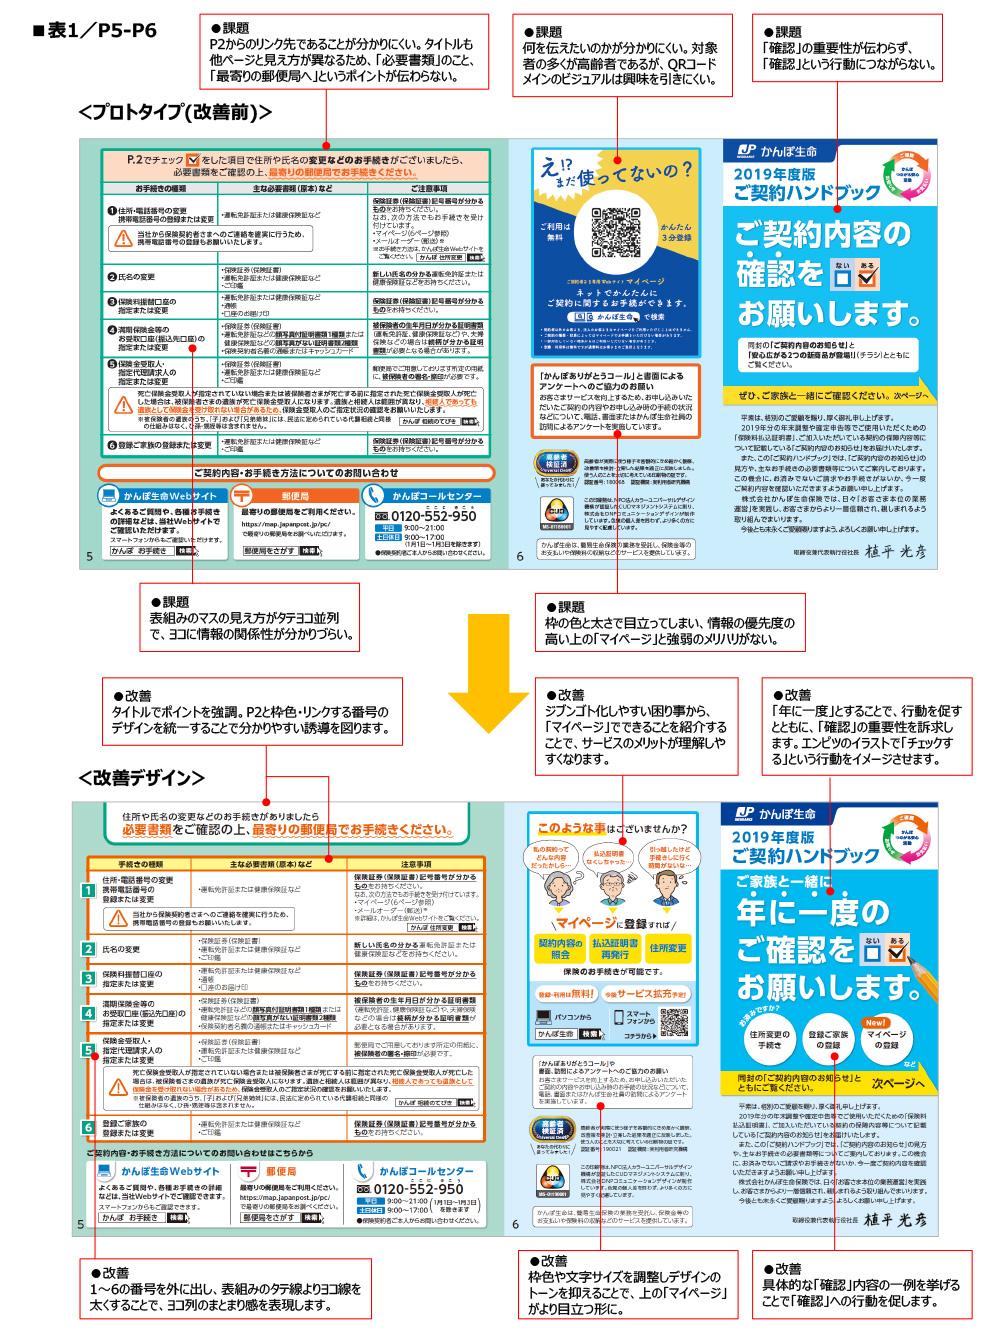 表1/P5-P6 プロトタイプ(改善前)→改善デザイン